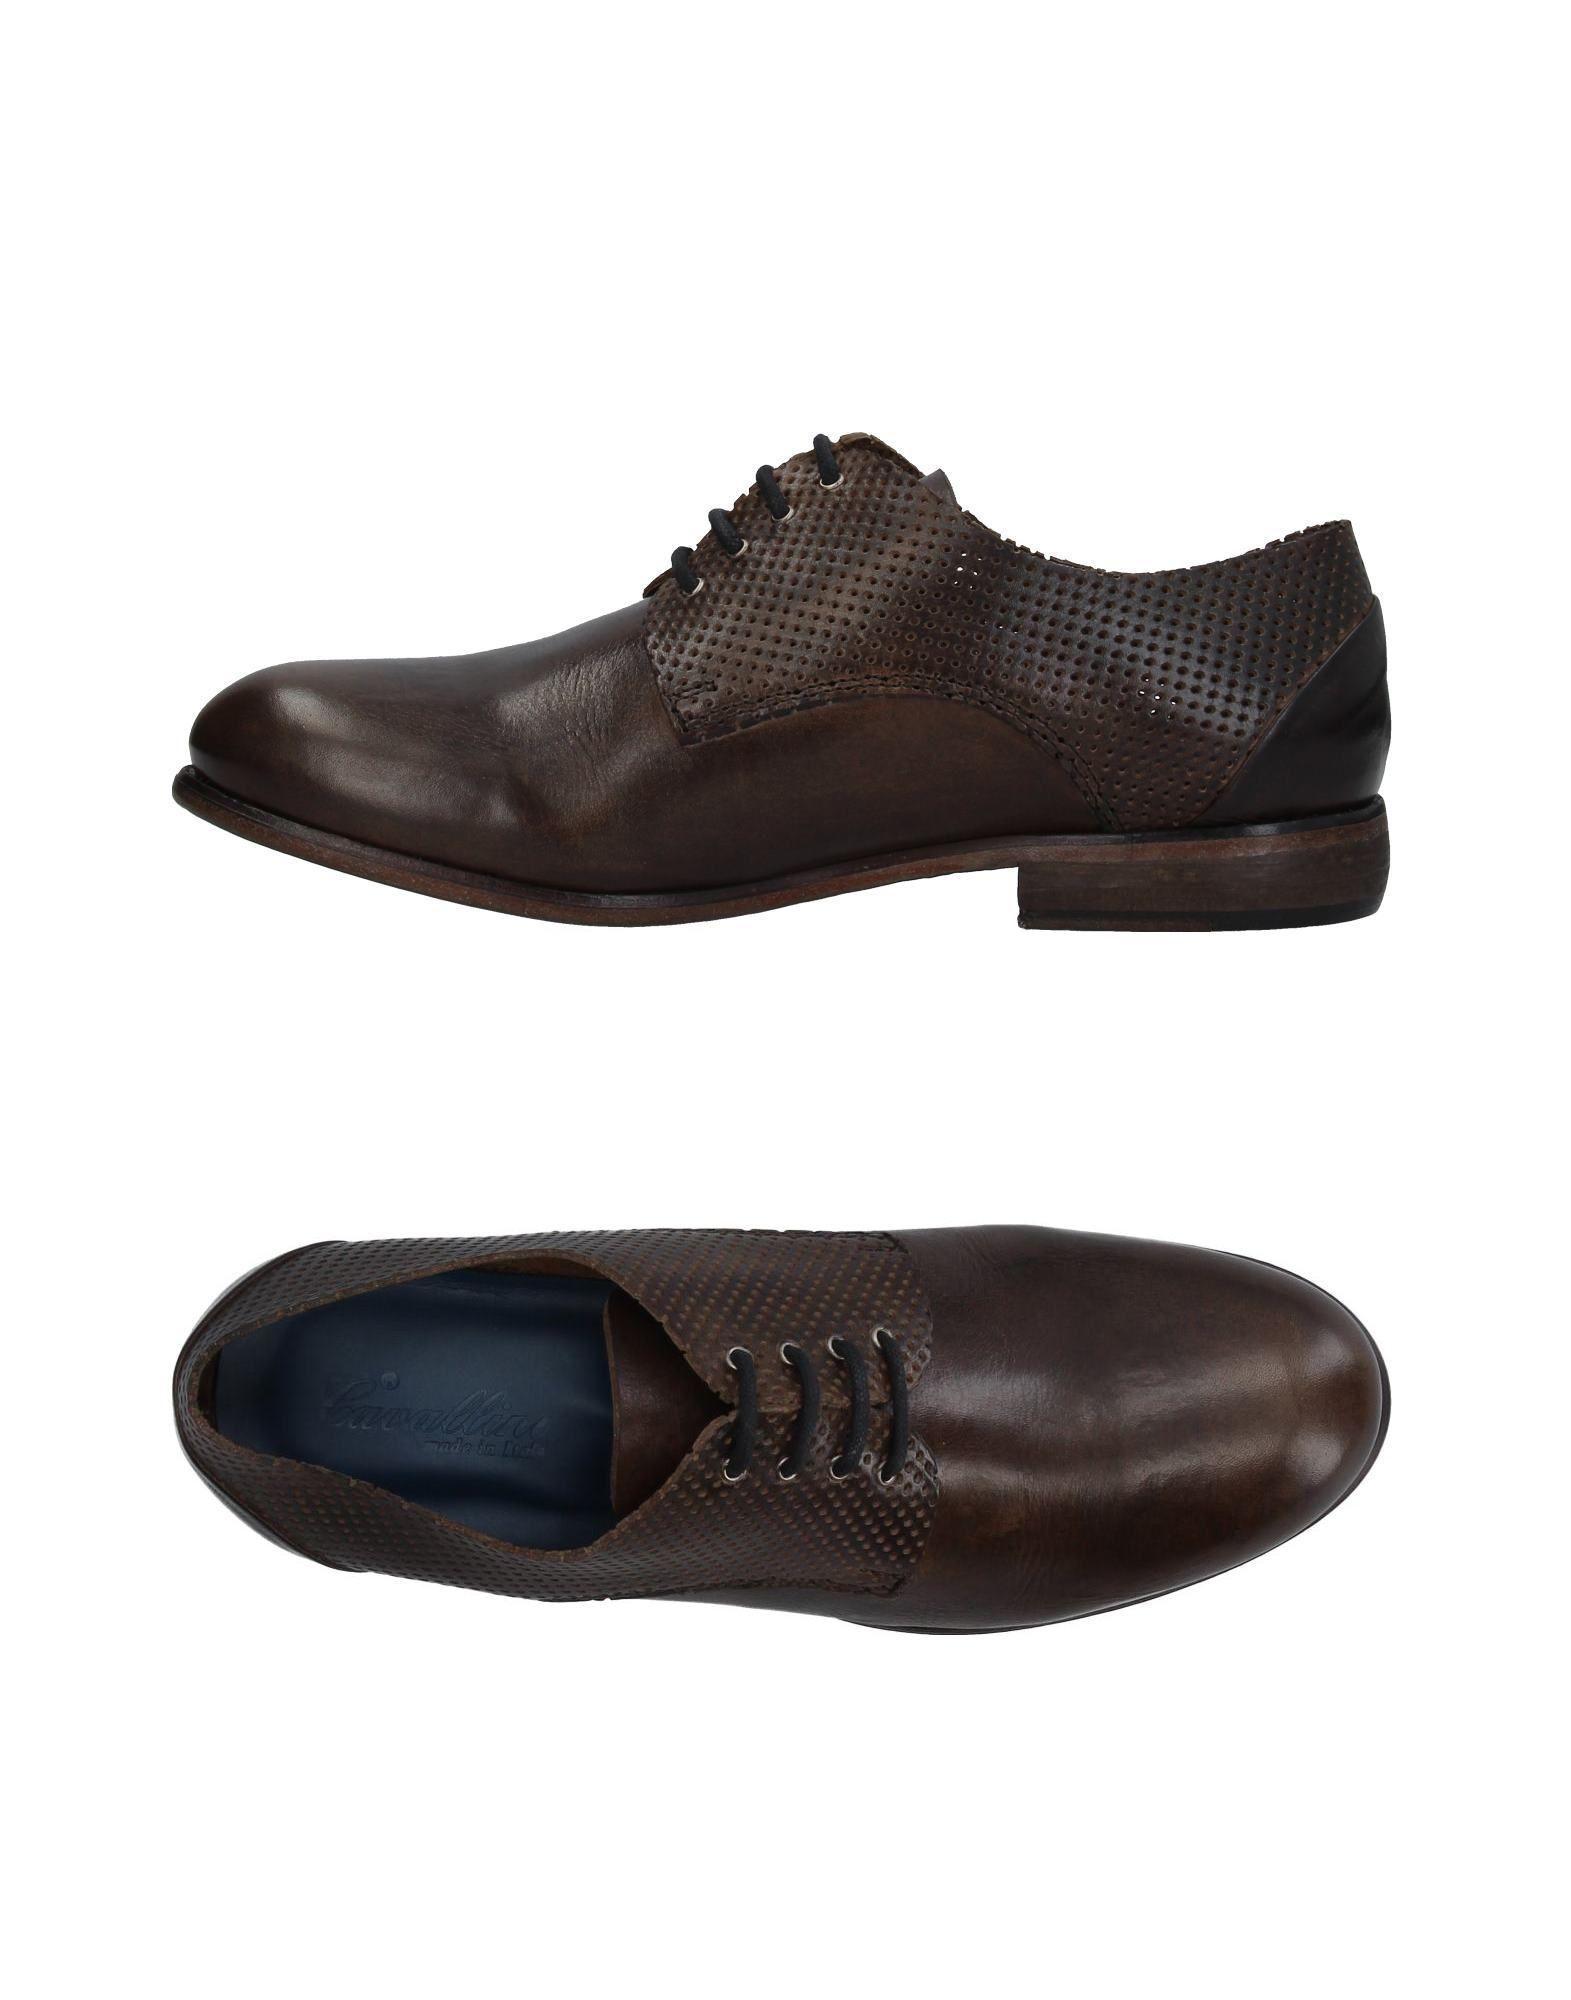 Chaussures À Lacets Cavallini Homme - Chaussures À Lacets Cavallini sur